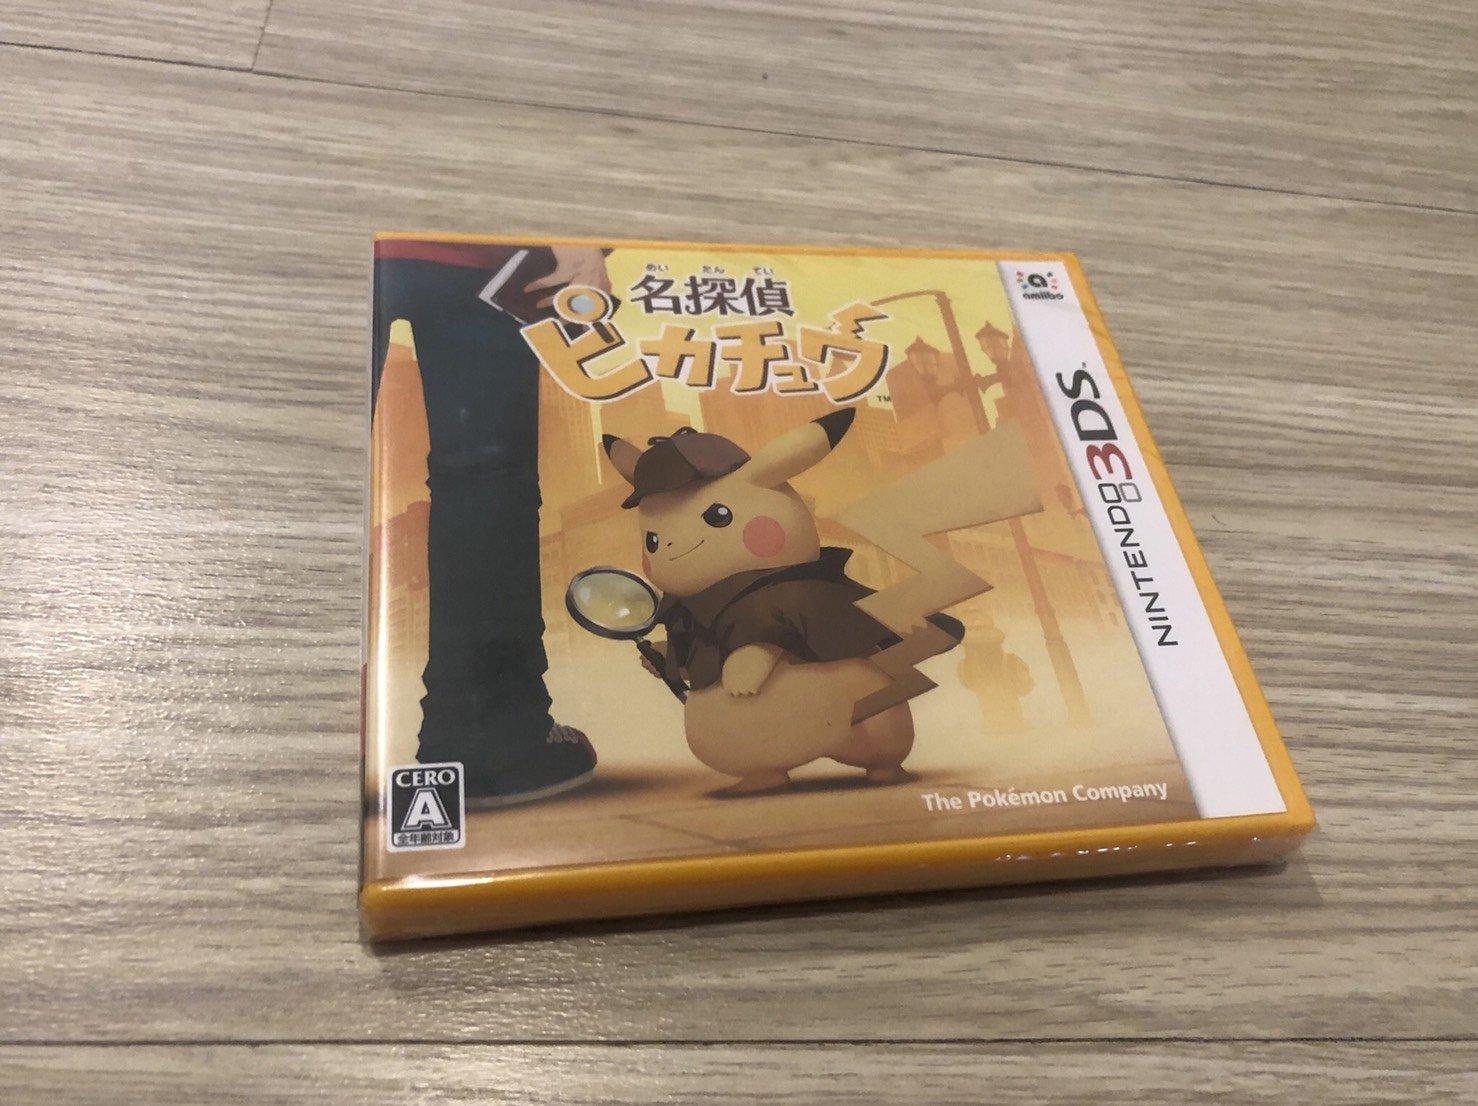 全新 N3DS 3DS 名偵探皮卡丘 日文版 純日版 內建中文字幕 日規機專用 售1100